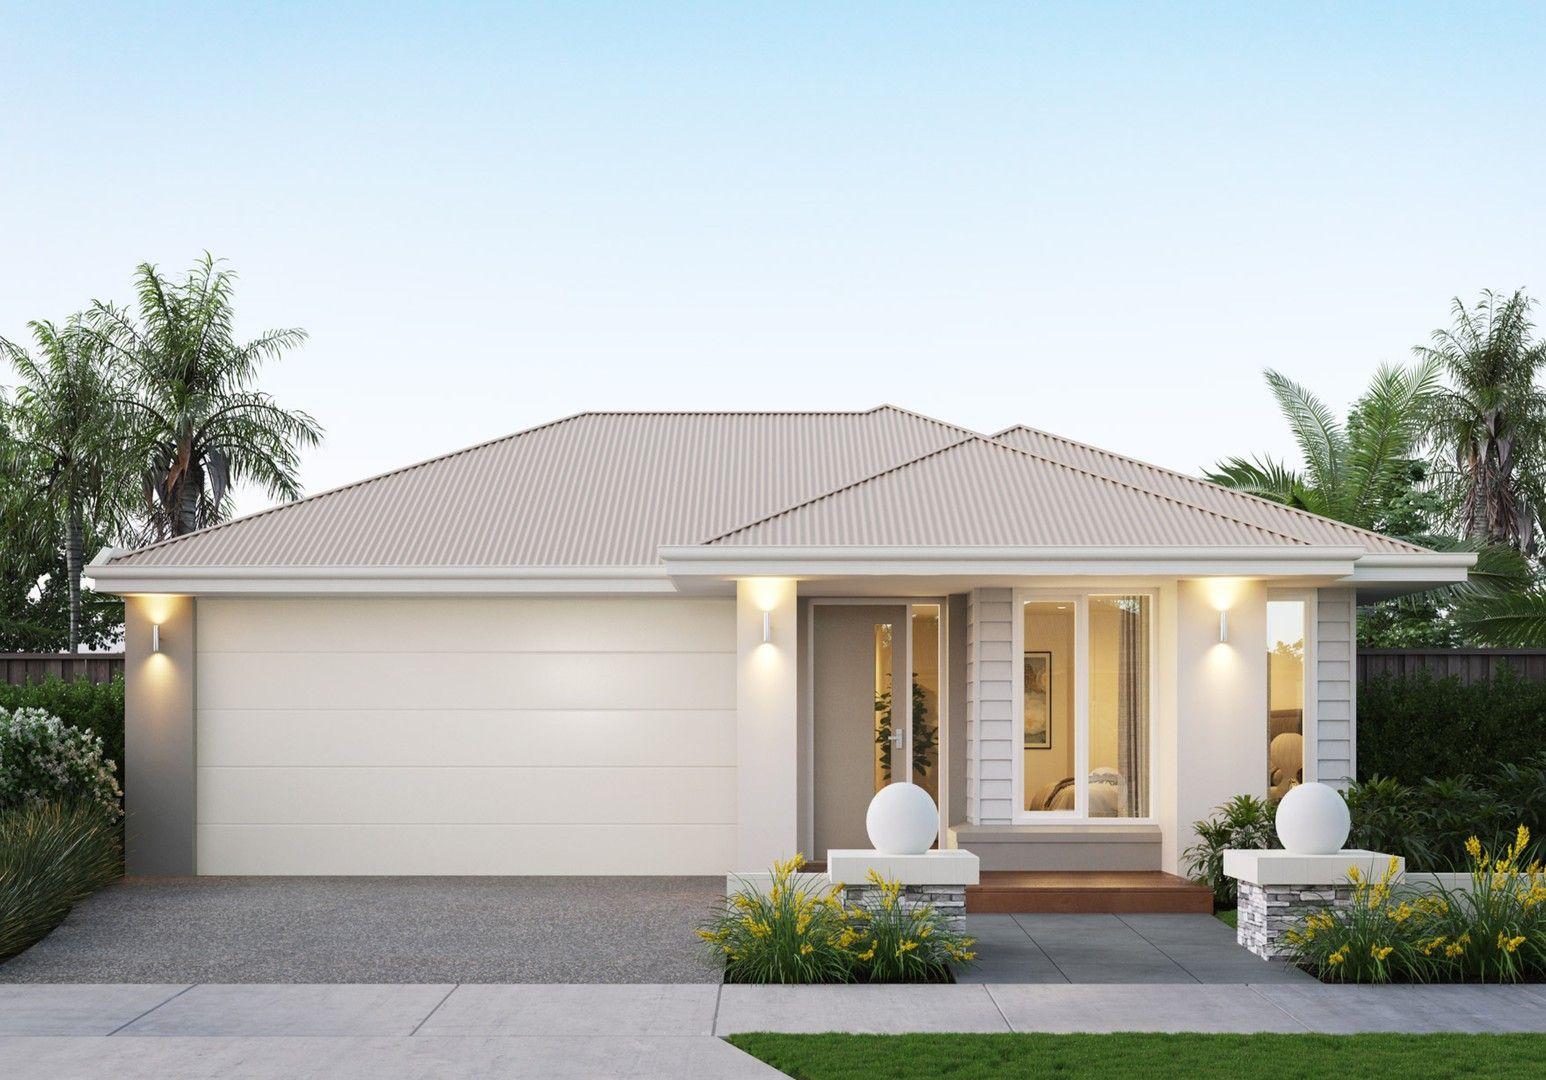 Lot 13 Woodfull Street, Dugandan QLD 4310, Image 0